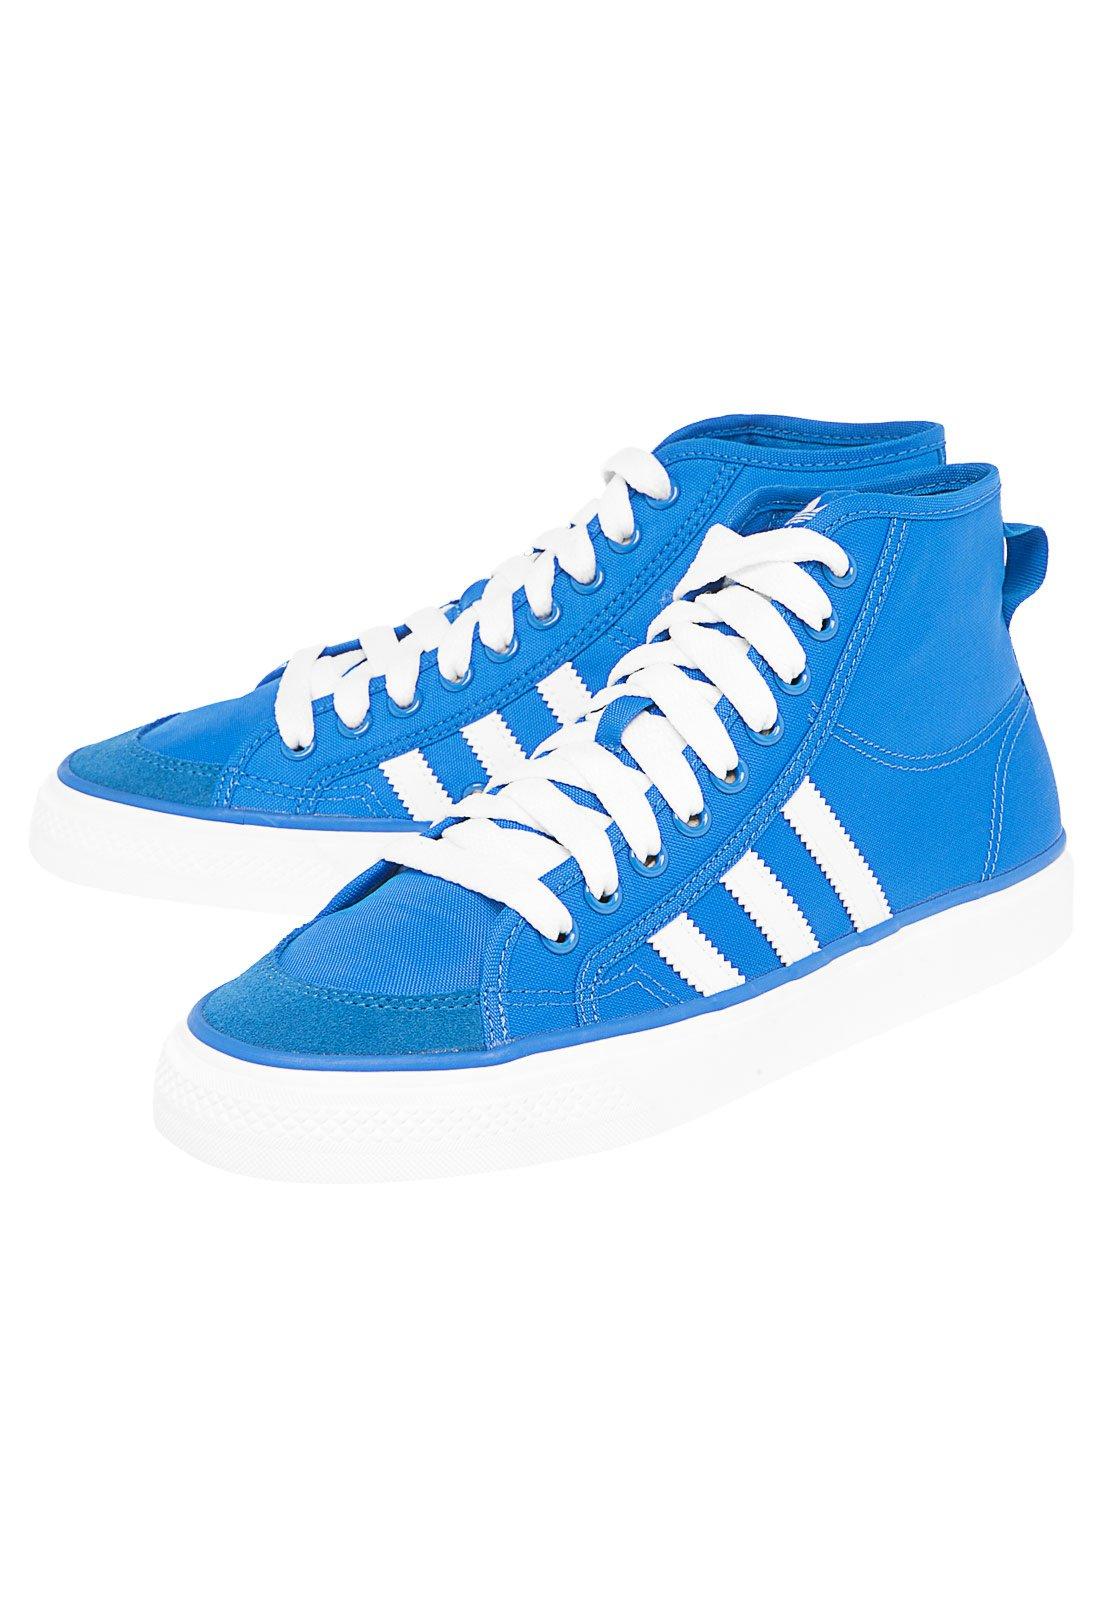 Aja Anotar Dispersión  Tênis adidas Originals Nizza Hi Azul - Compre Agora | Dafiti Brasil